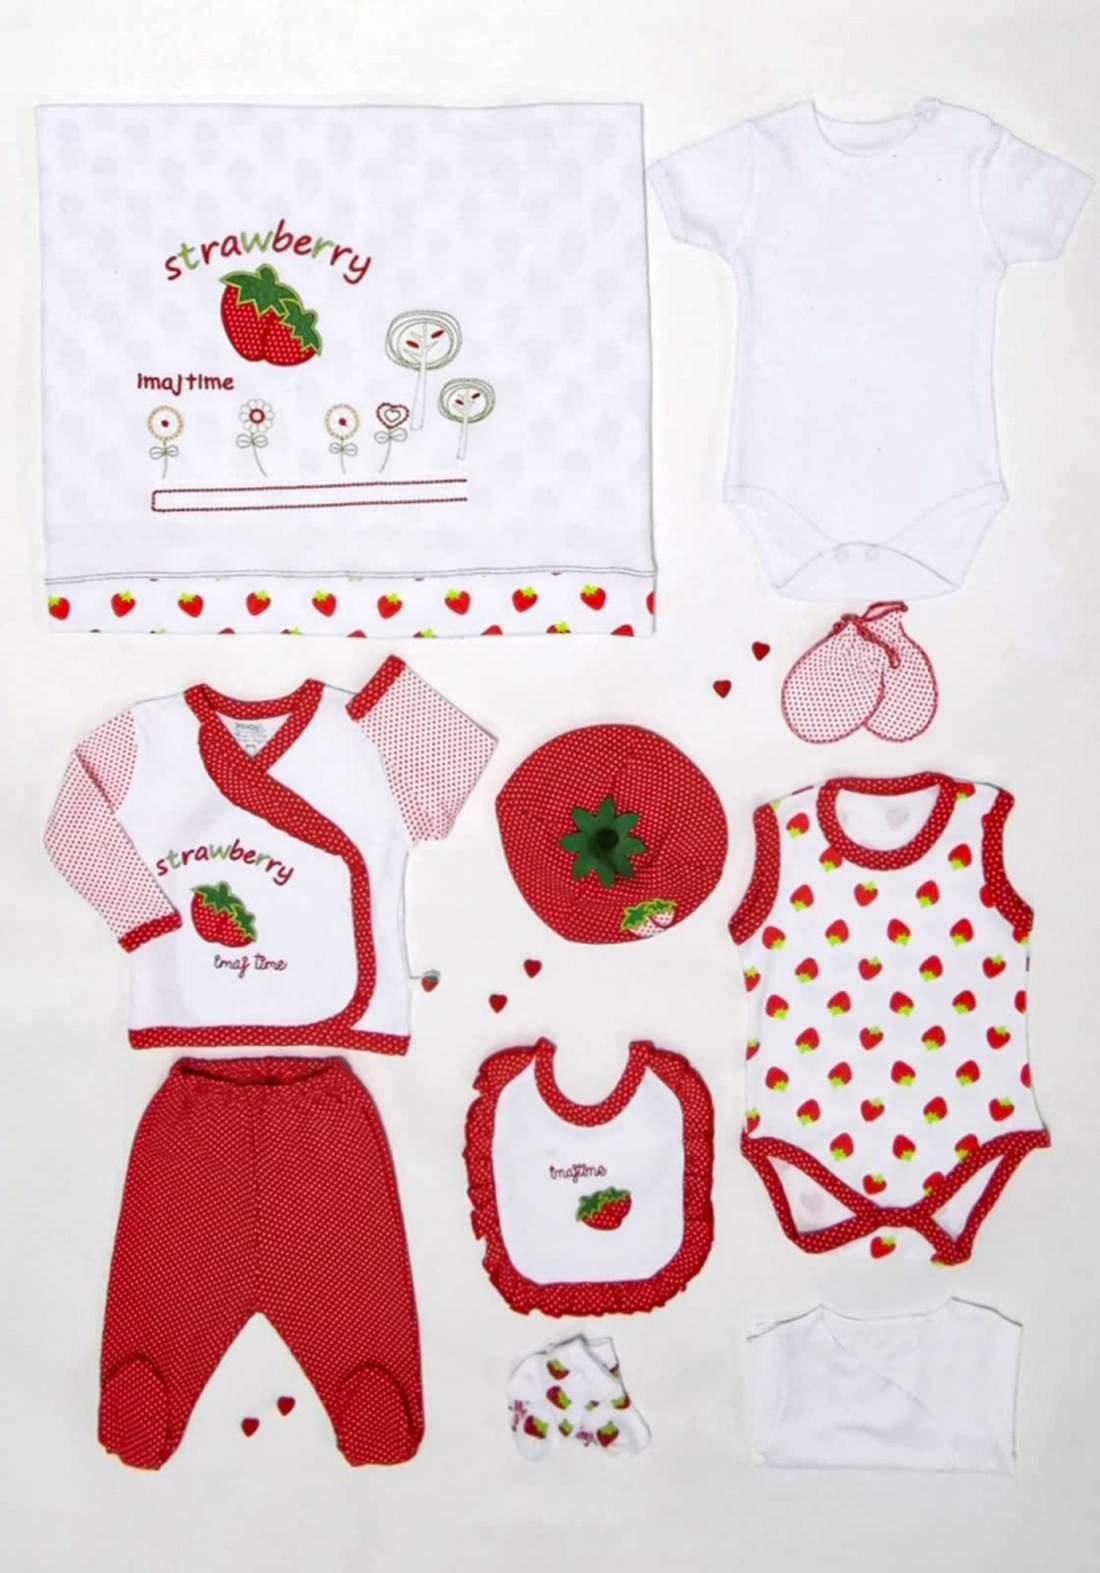 سيت  اطفال حديثي الولادة احمر وابيض اللون 10 قطع